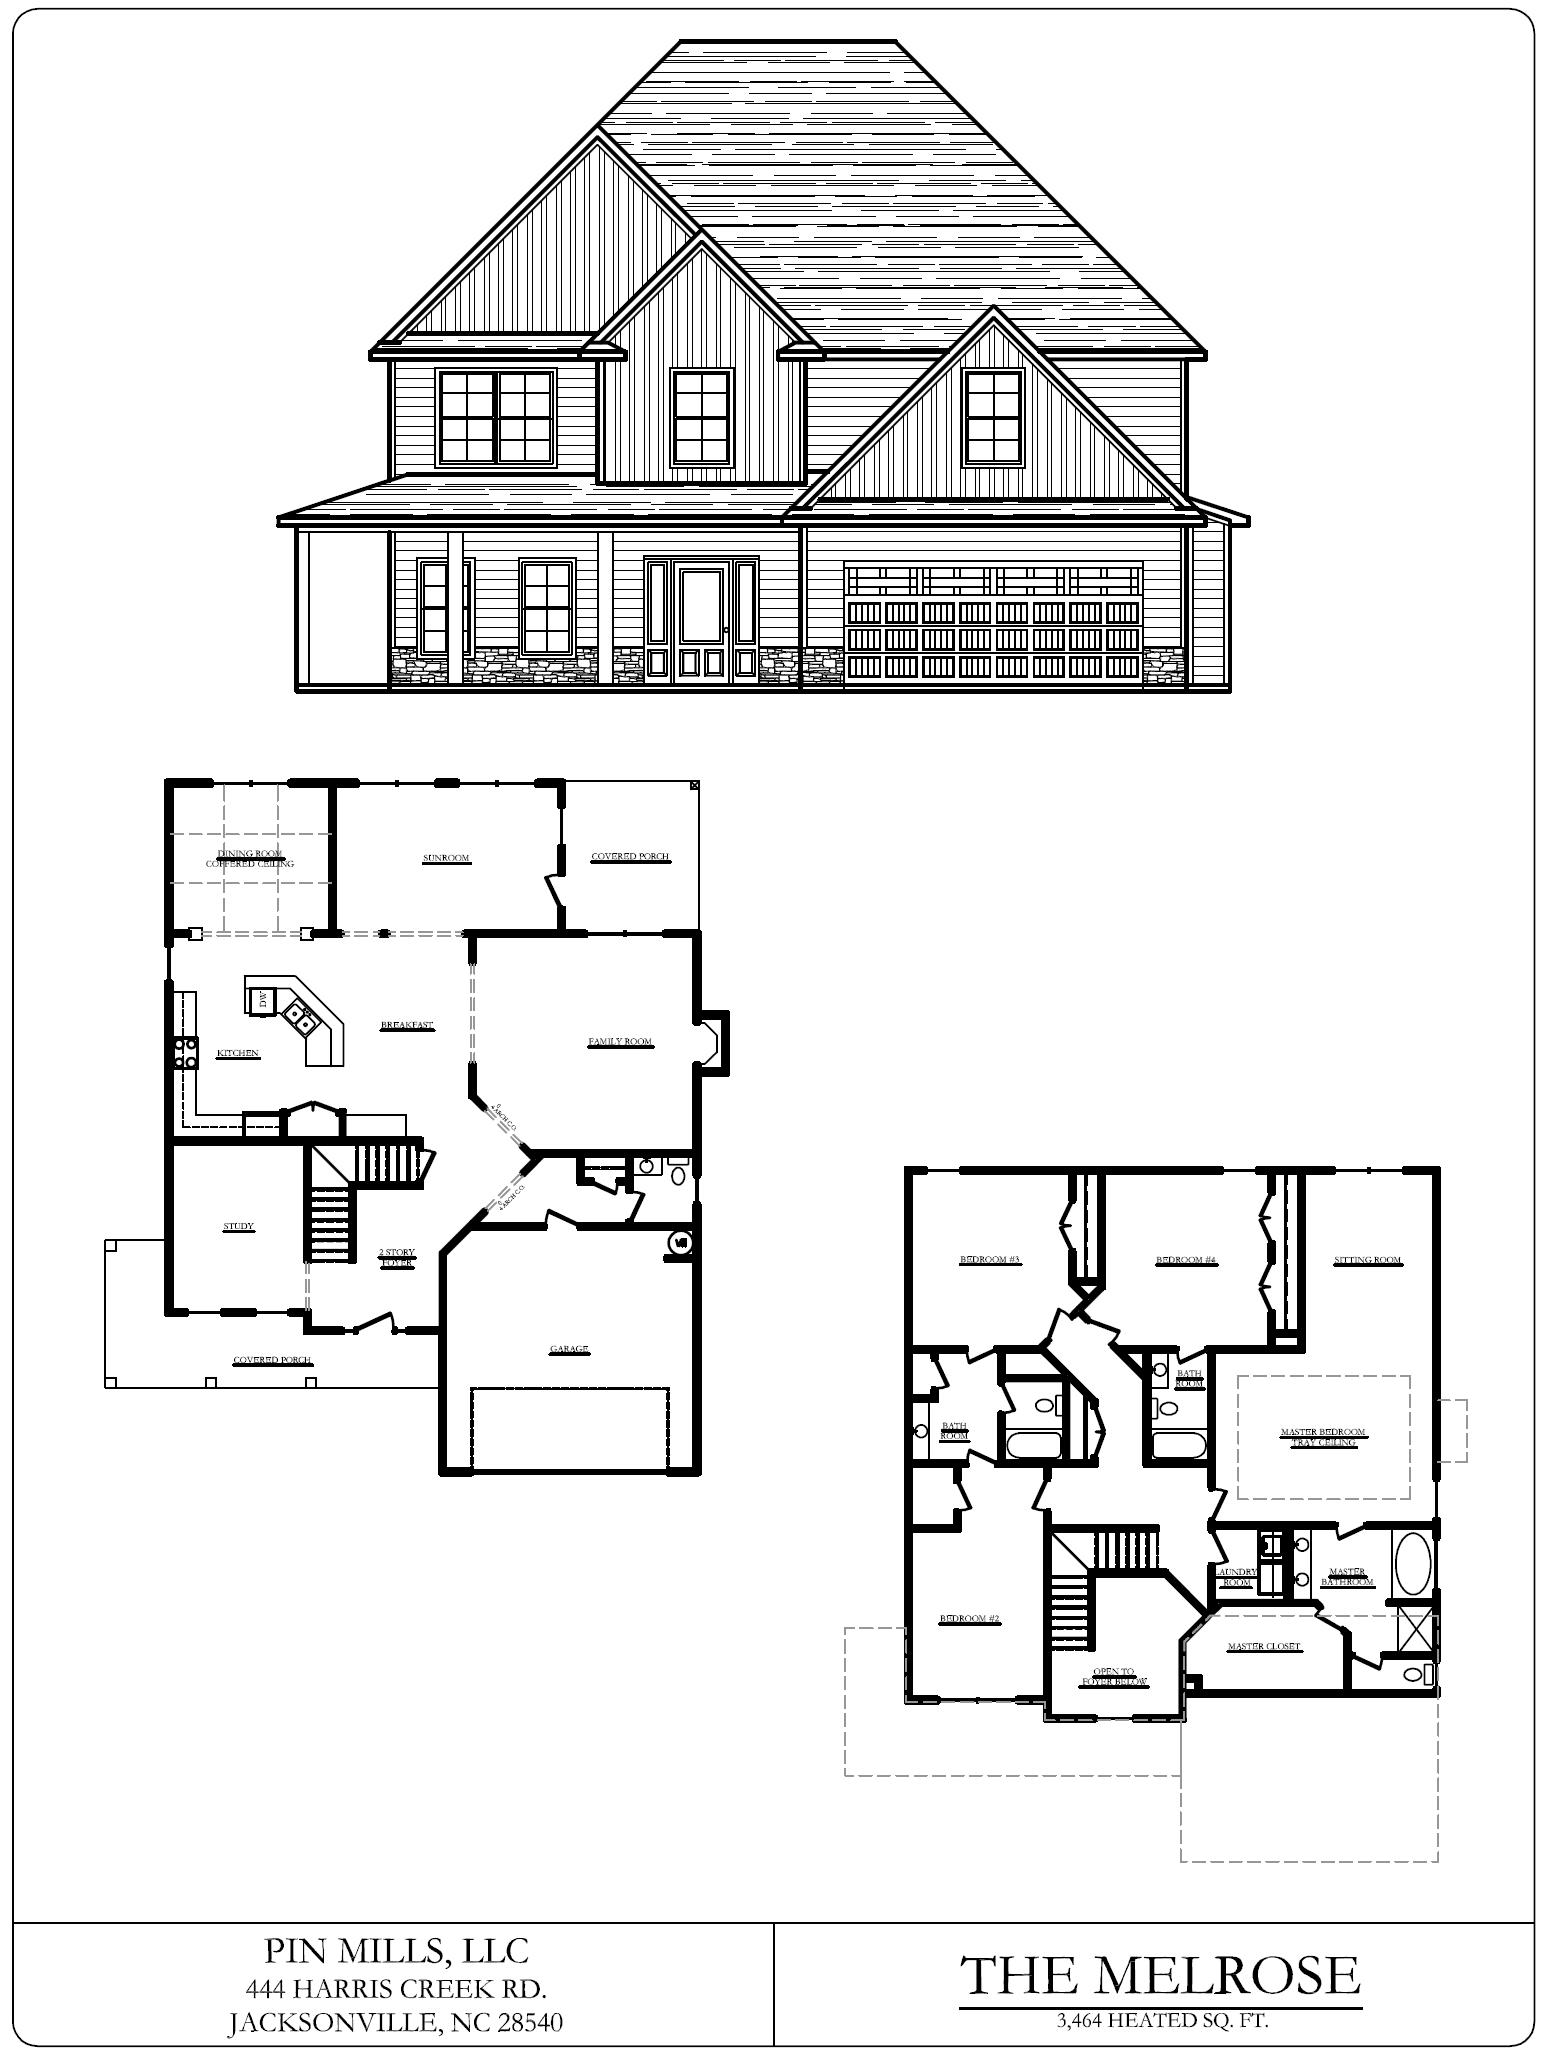 flooplan blueprints for the Southwest Plantation Melrose home